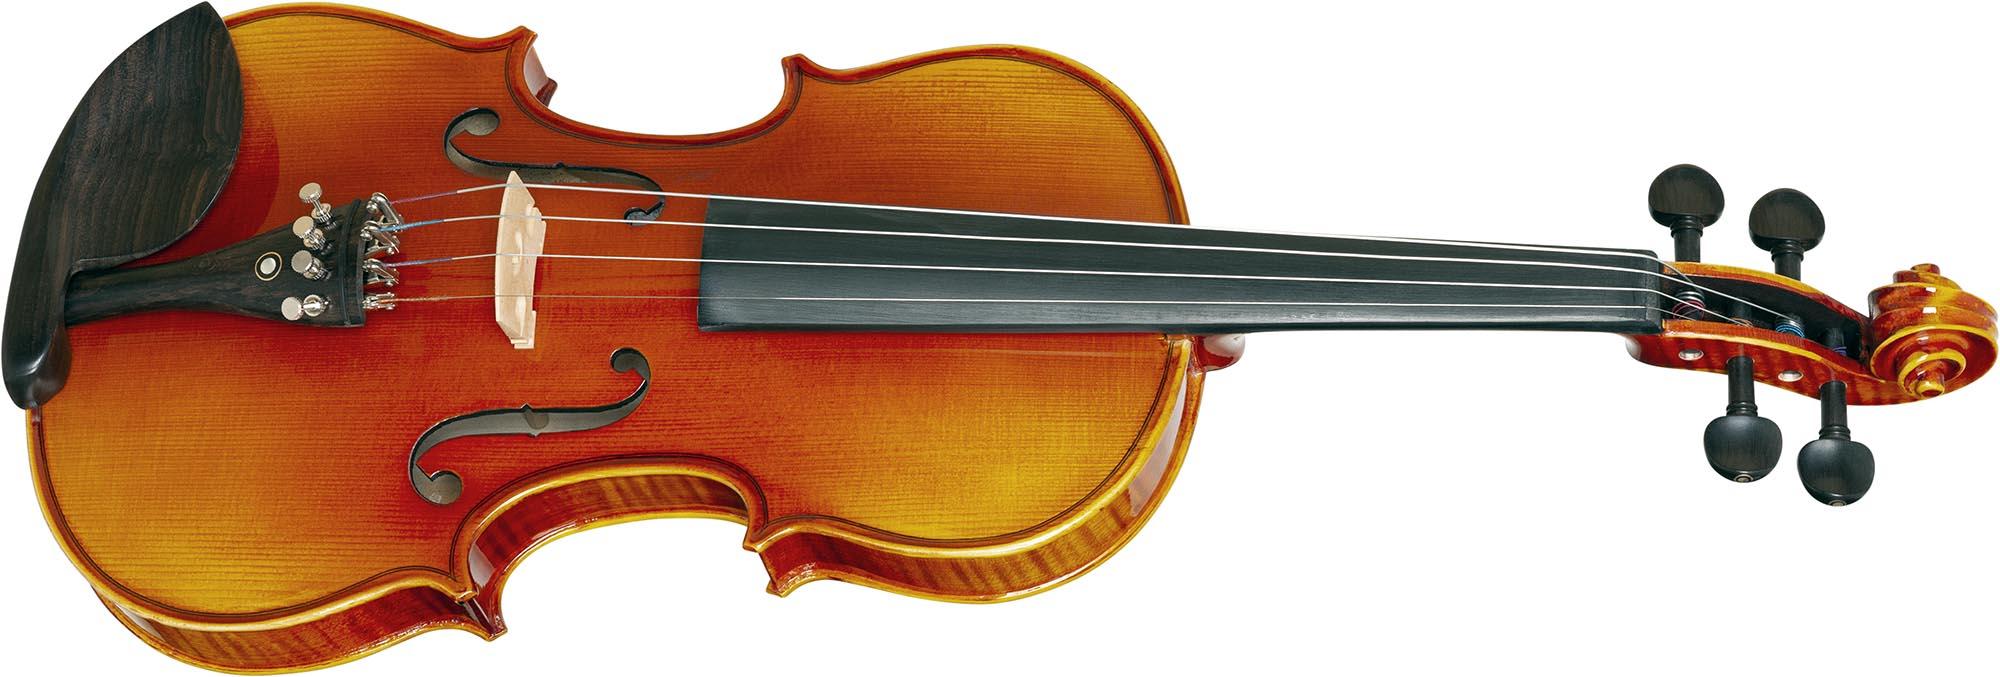 ve845 violino eagle ve845 visao frontal